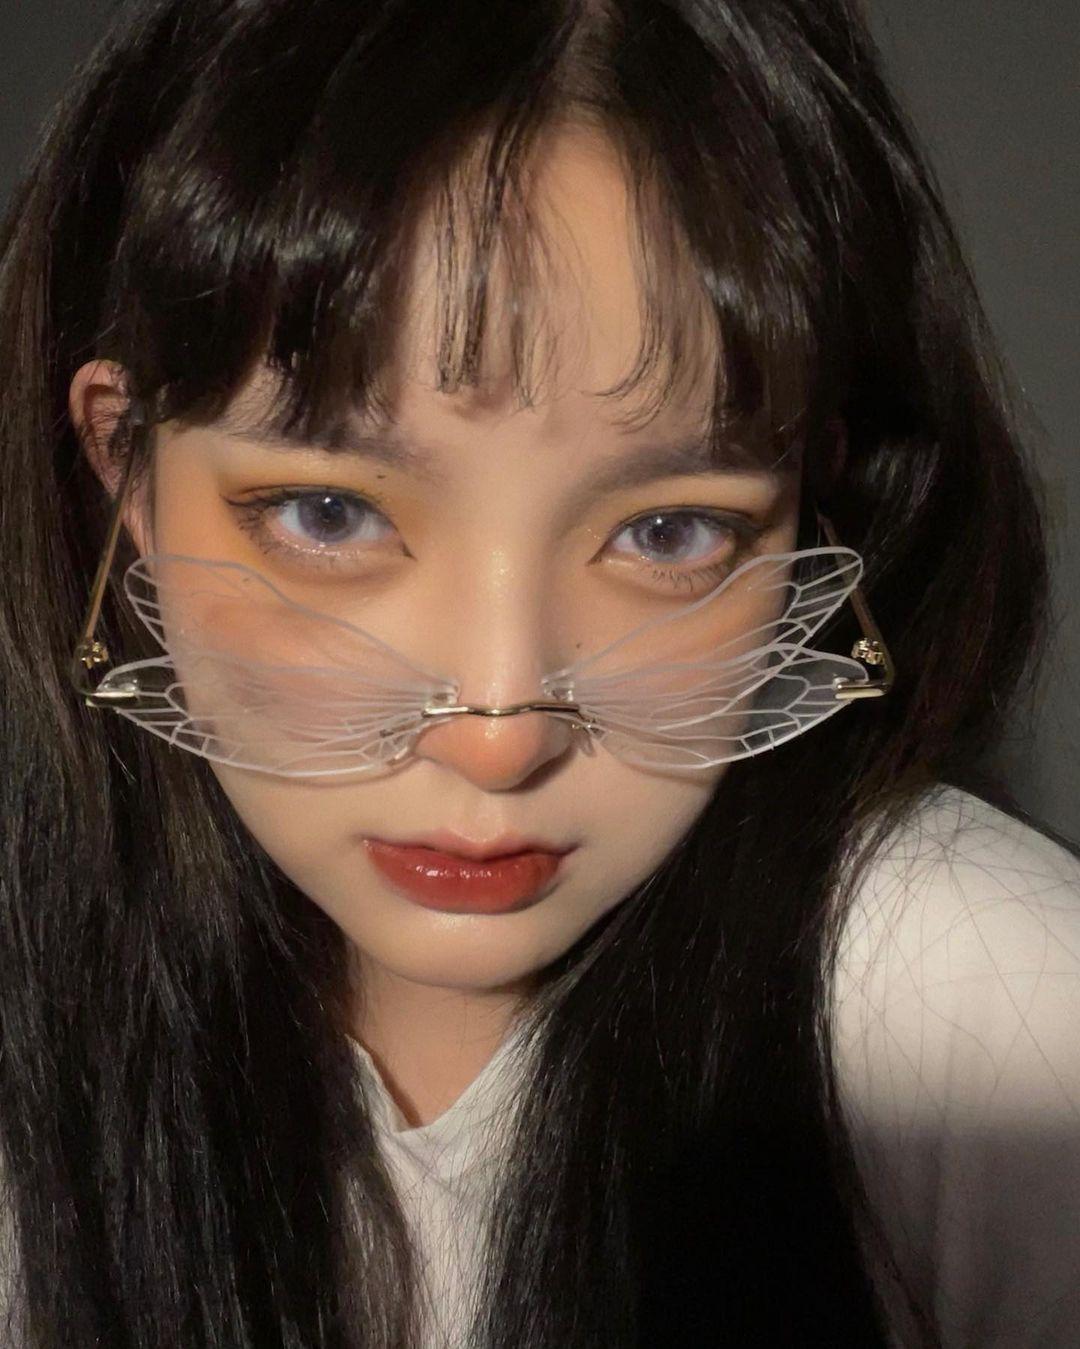 Nếu thấy các kiểu kính thông thường đã quá nhàm chán, sao bạn không thử nghiệm các dáng kính độc đáo hơn như mắt cánh bướm, mắt chuồn chuồn, kính không tròng... Xu hướng phụ kiện này giúp các cô gái có bức hình selfie chất lừ.